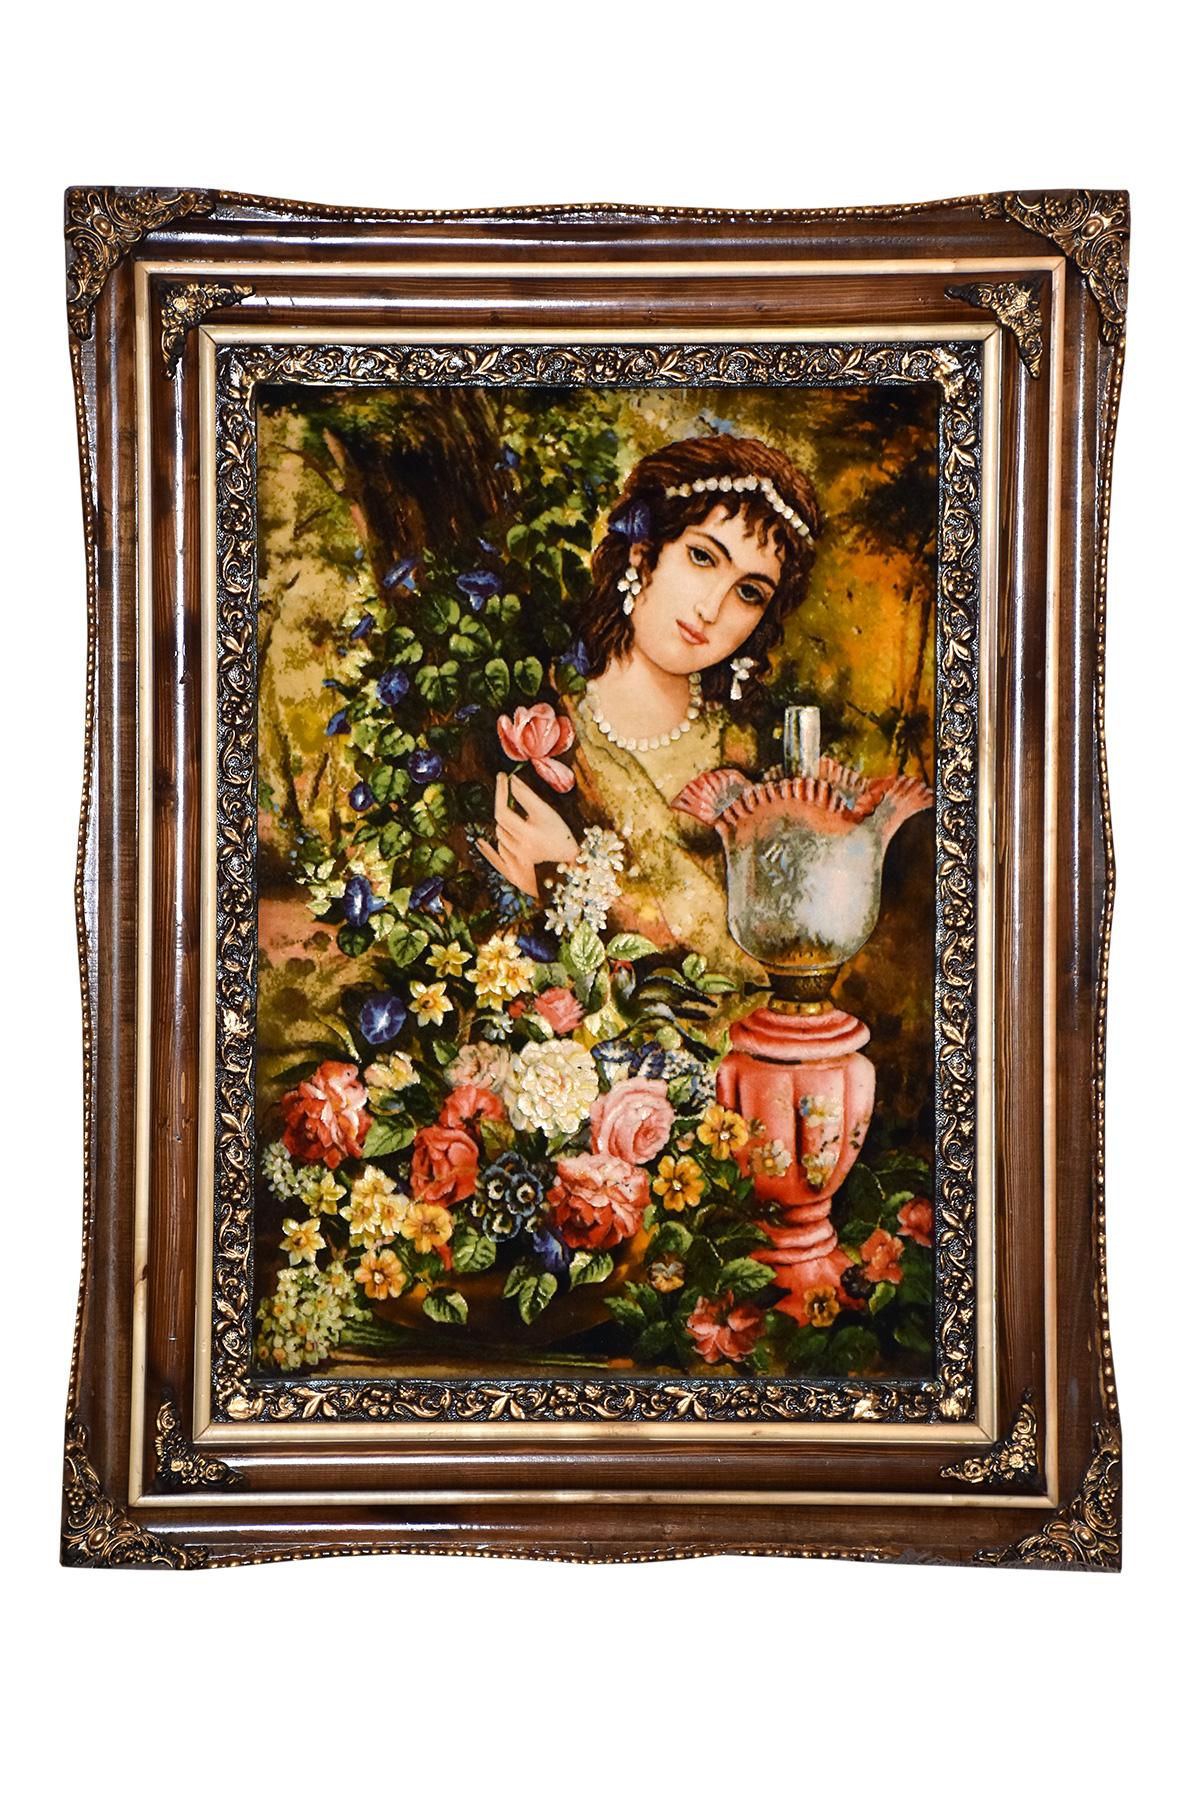 تابلو فرش دستباف دختر قاجار